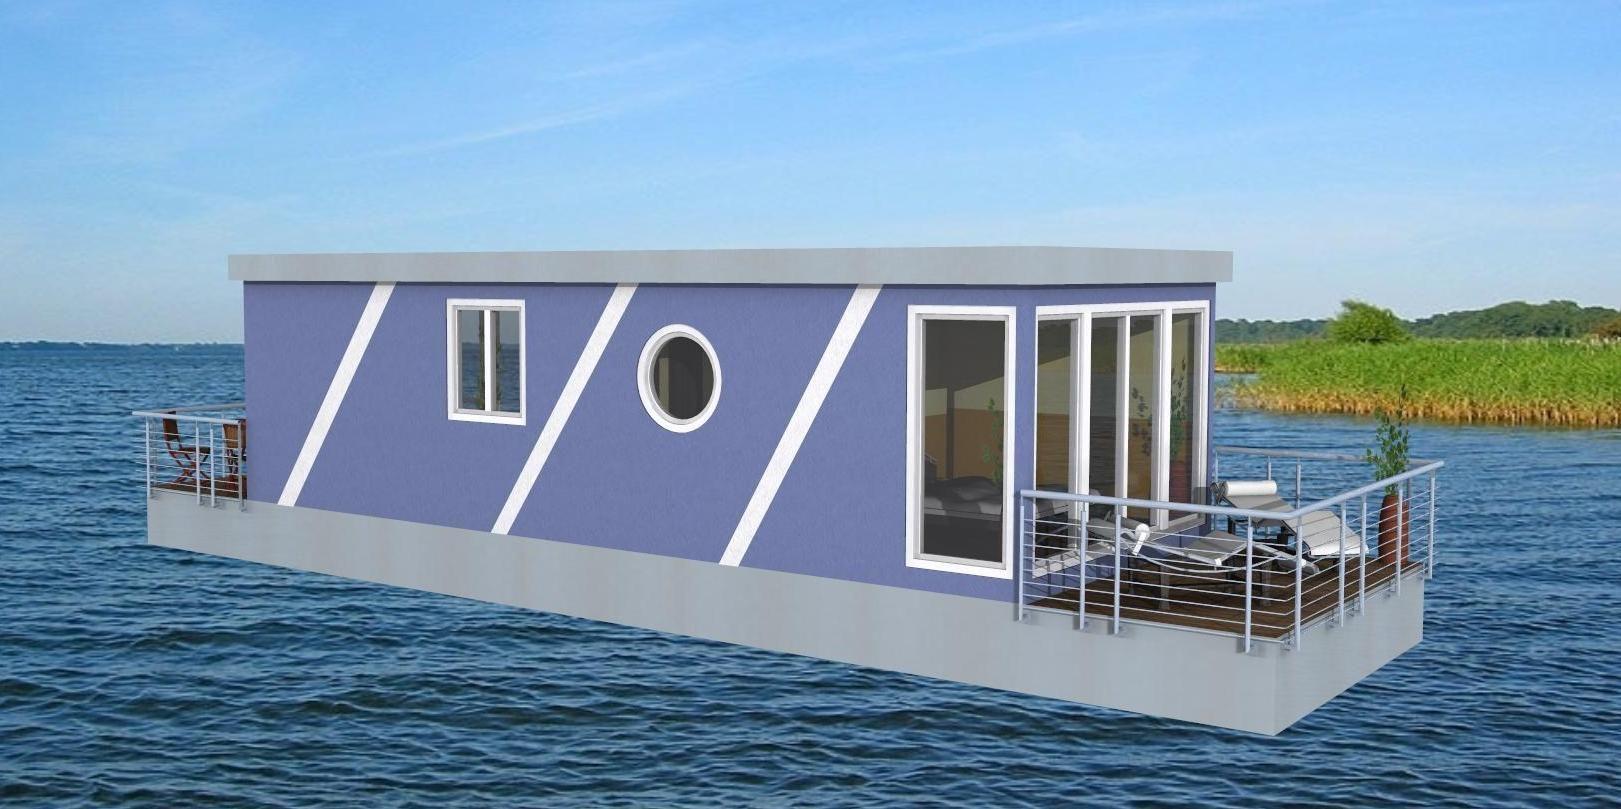 hausboot5 hausboot pinterest hausboote mobilheim und holzterrasse. Black Bedroom Furniture Sets. Home Design Ideas